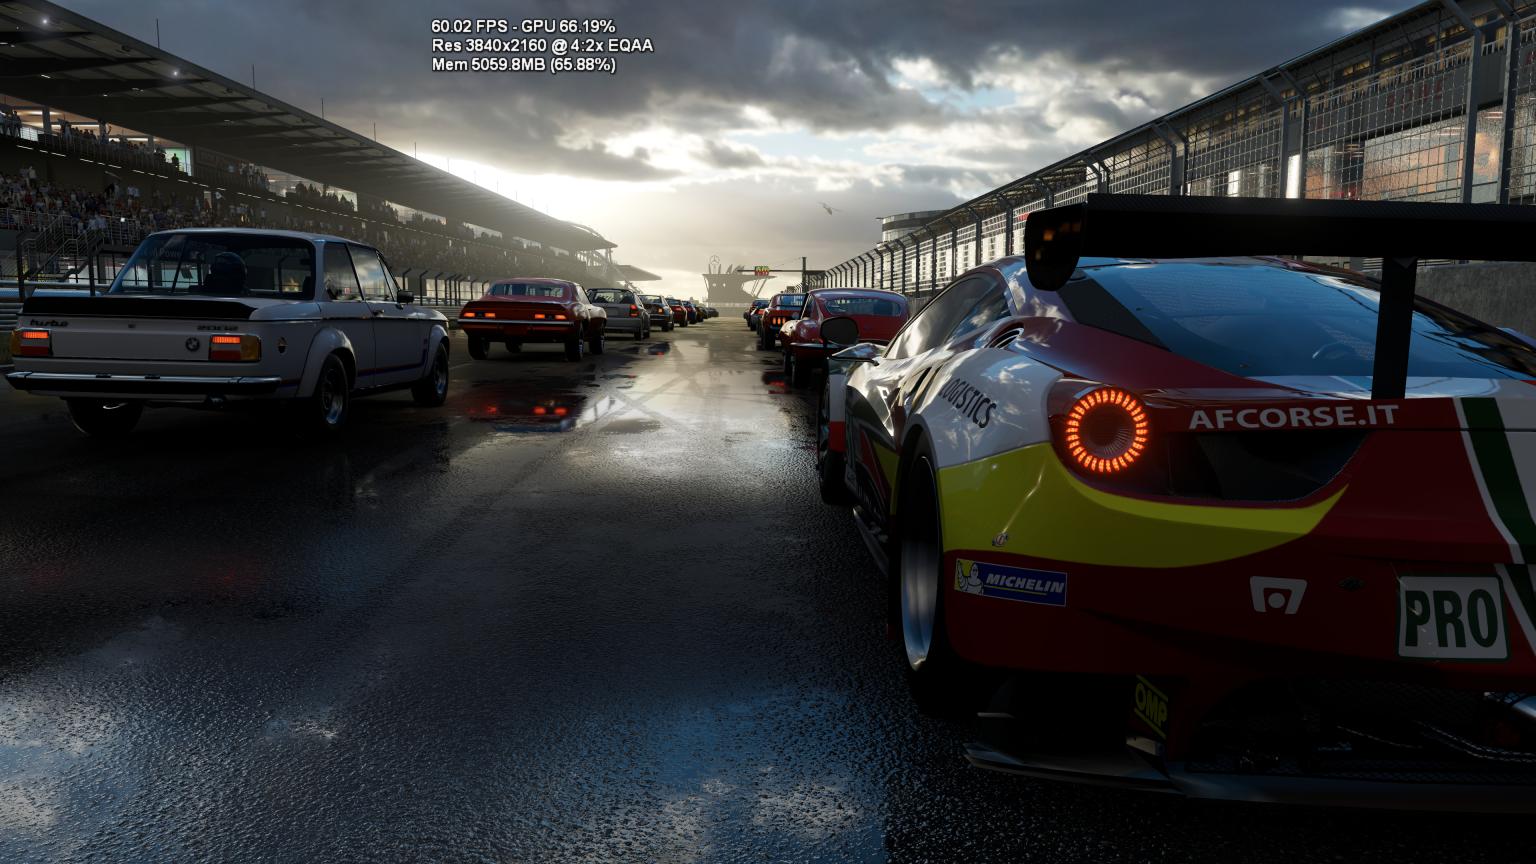 Project Scorpio: Microsoft раскрыла технические характеристики игровой консоли следующего поколения - 2